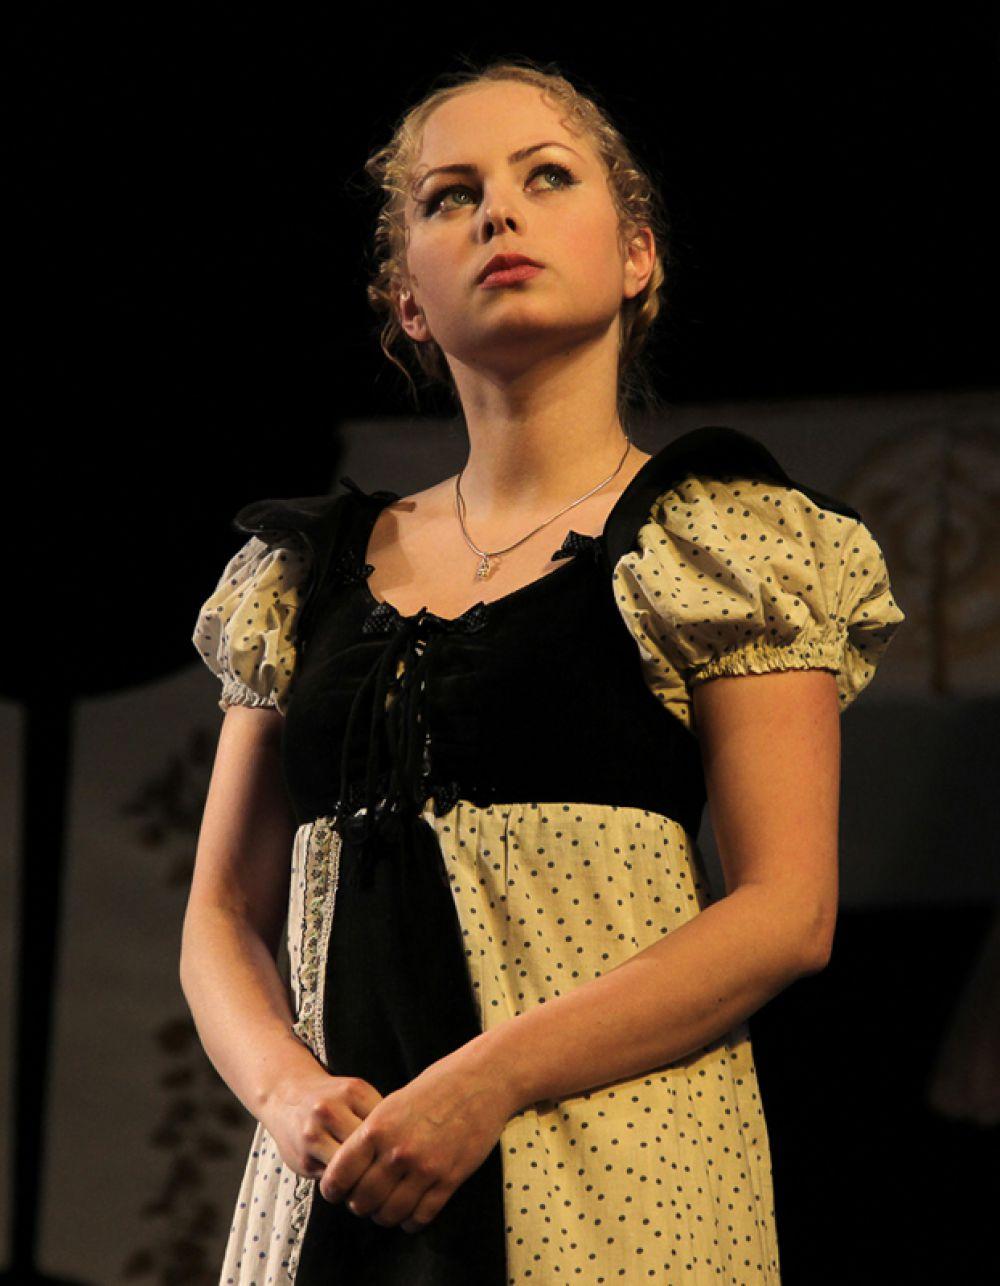 Лизанька (Мария Прыскина) почему-то постоянно становится предметом «барской любви»